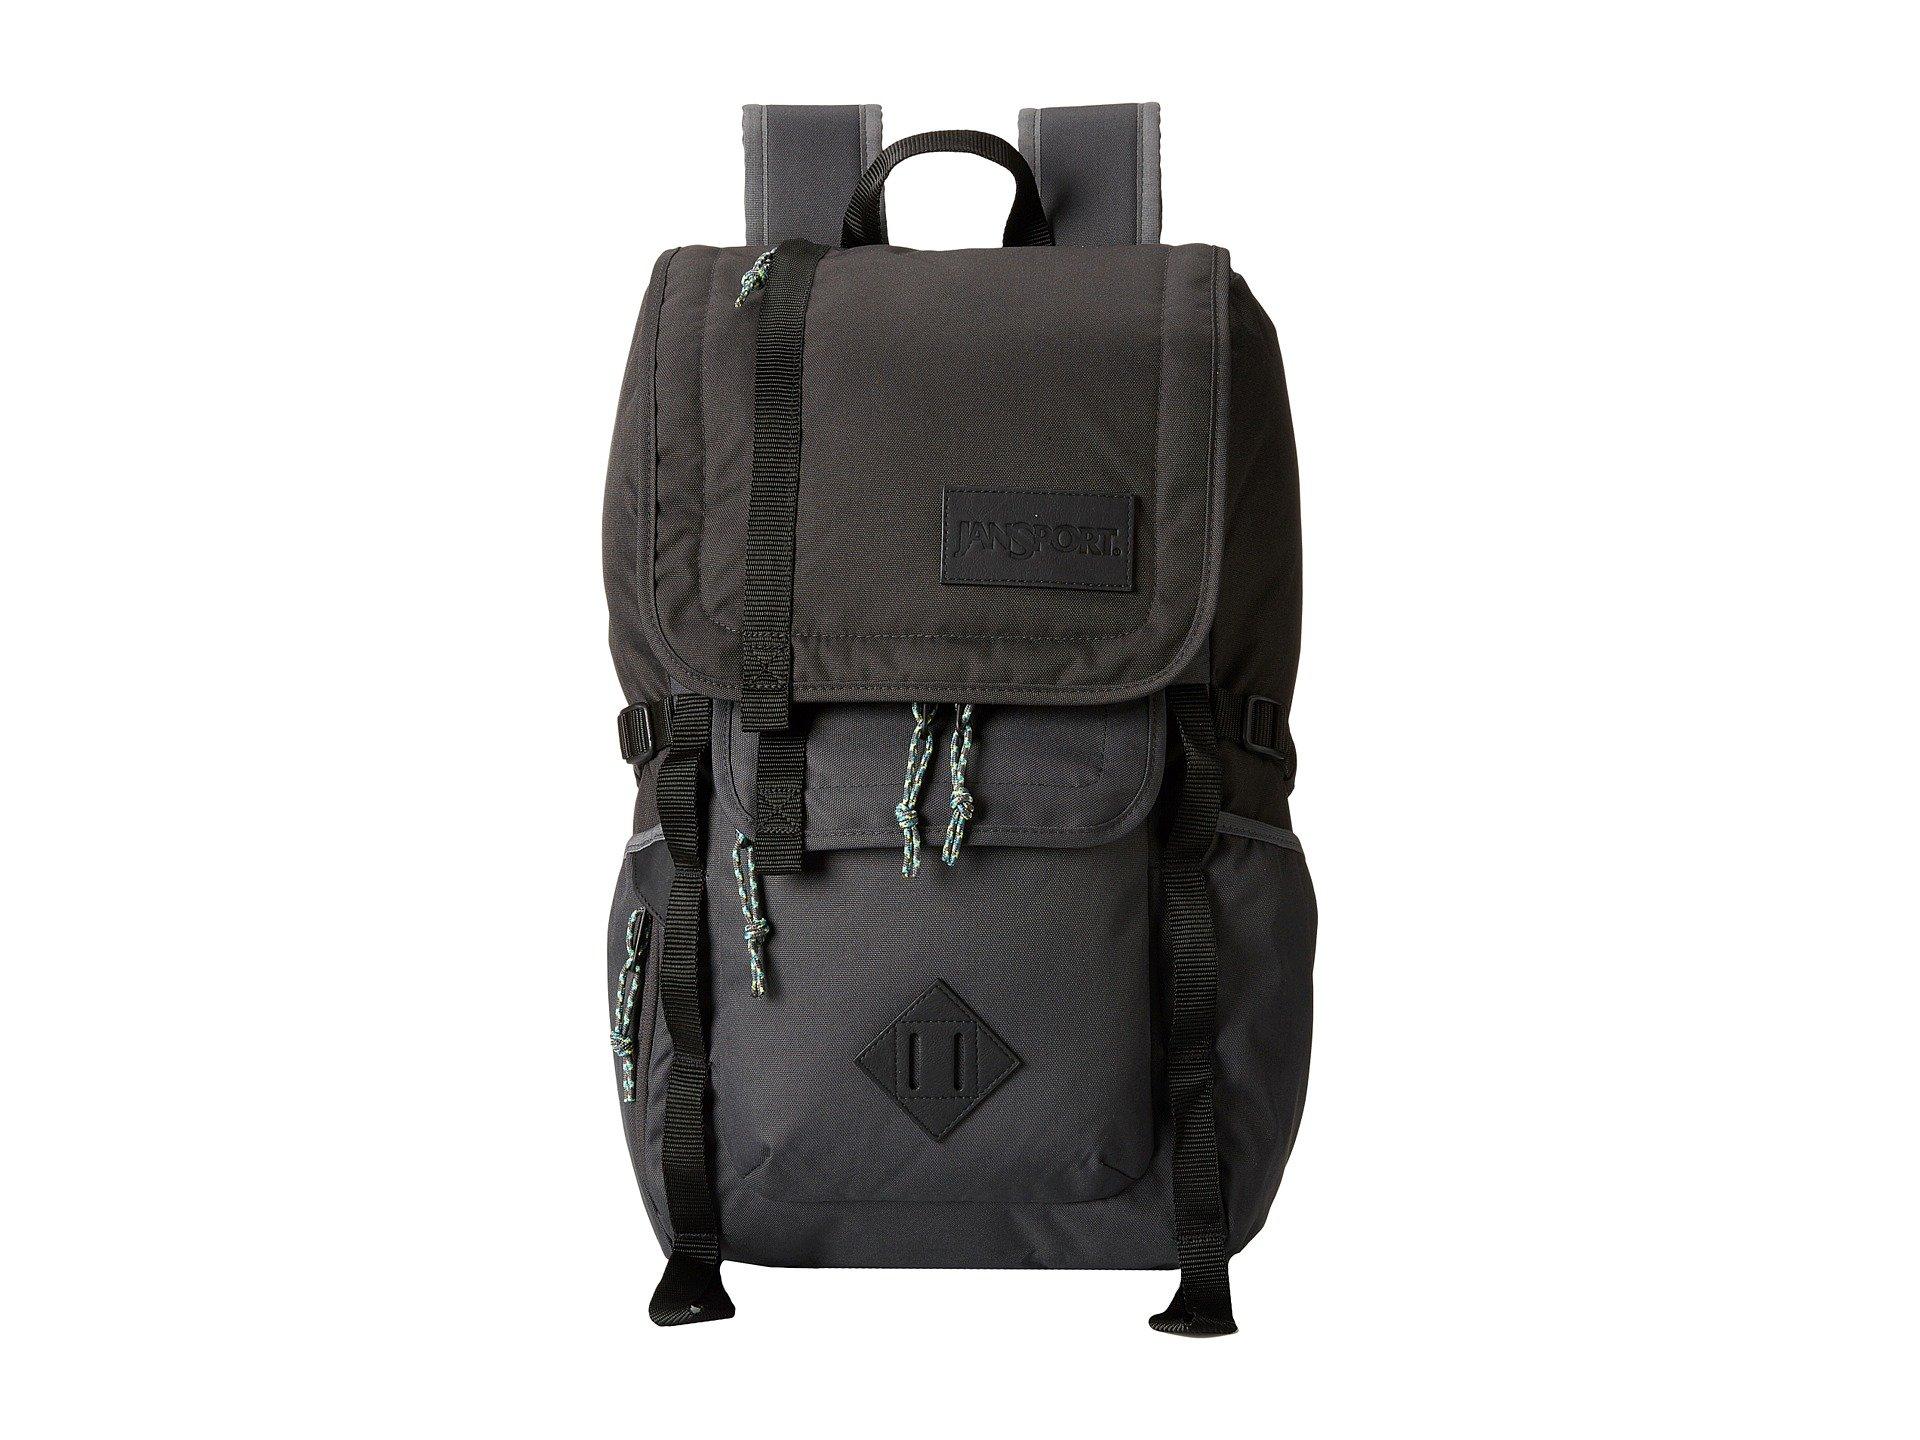 Tar Jansport Hatchet Backpack Jansport Backpack Grey Hatchet W4Z4OpHT